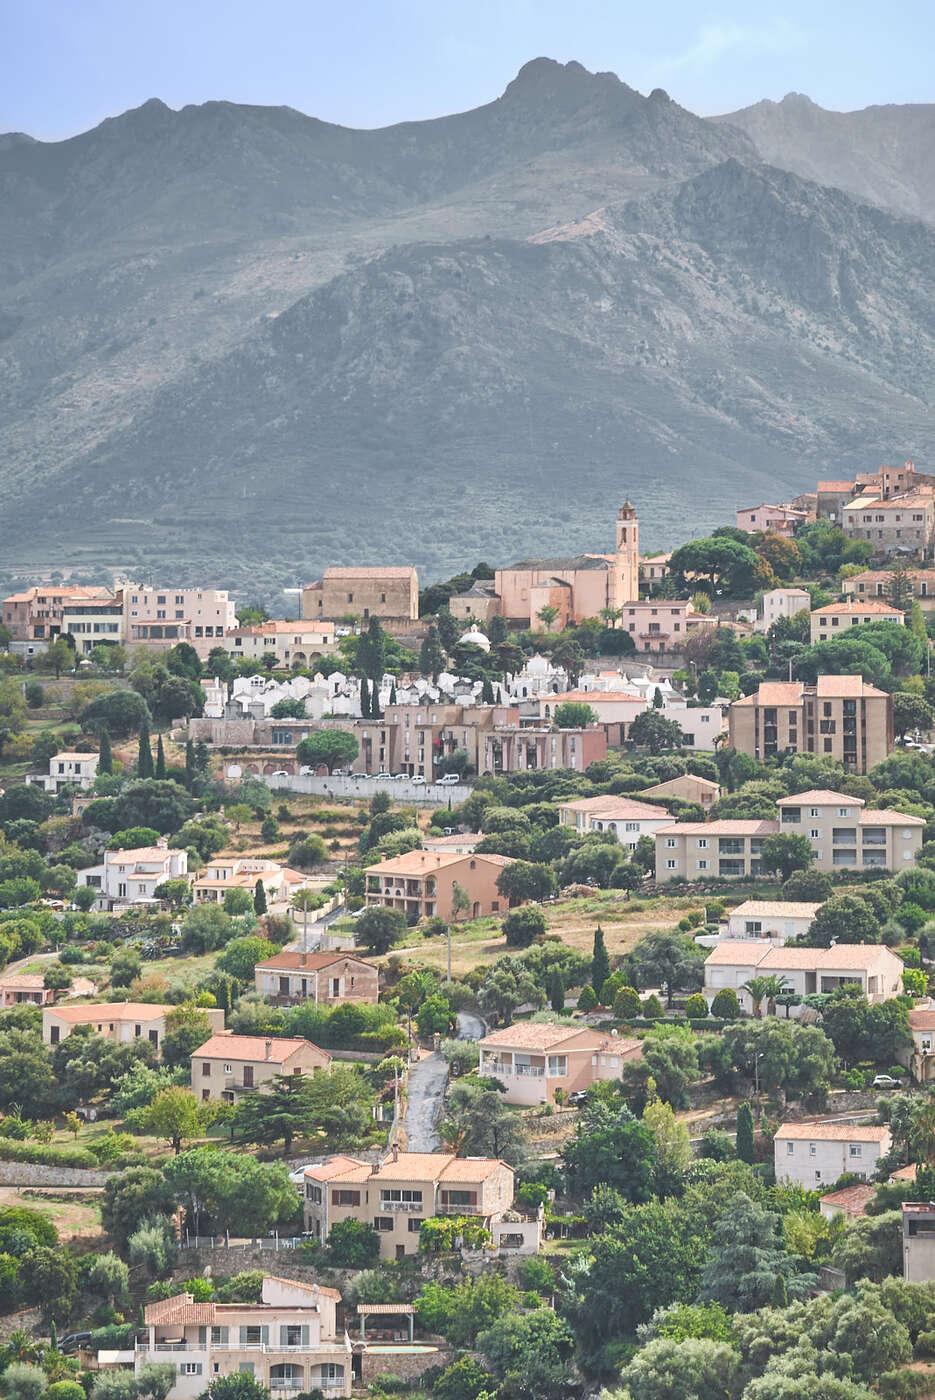 Monticello, Balagne, Corse